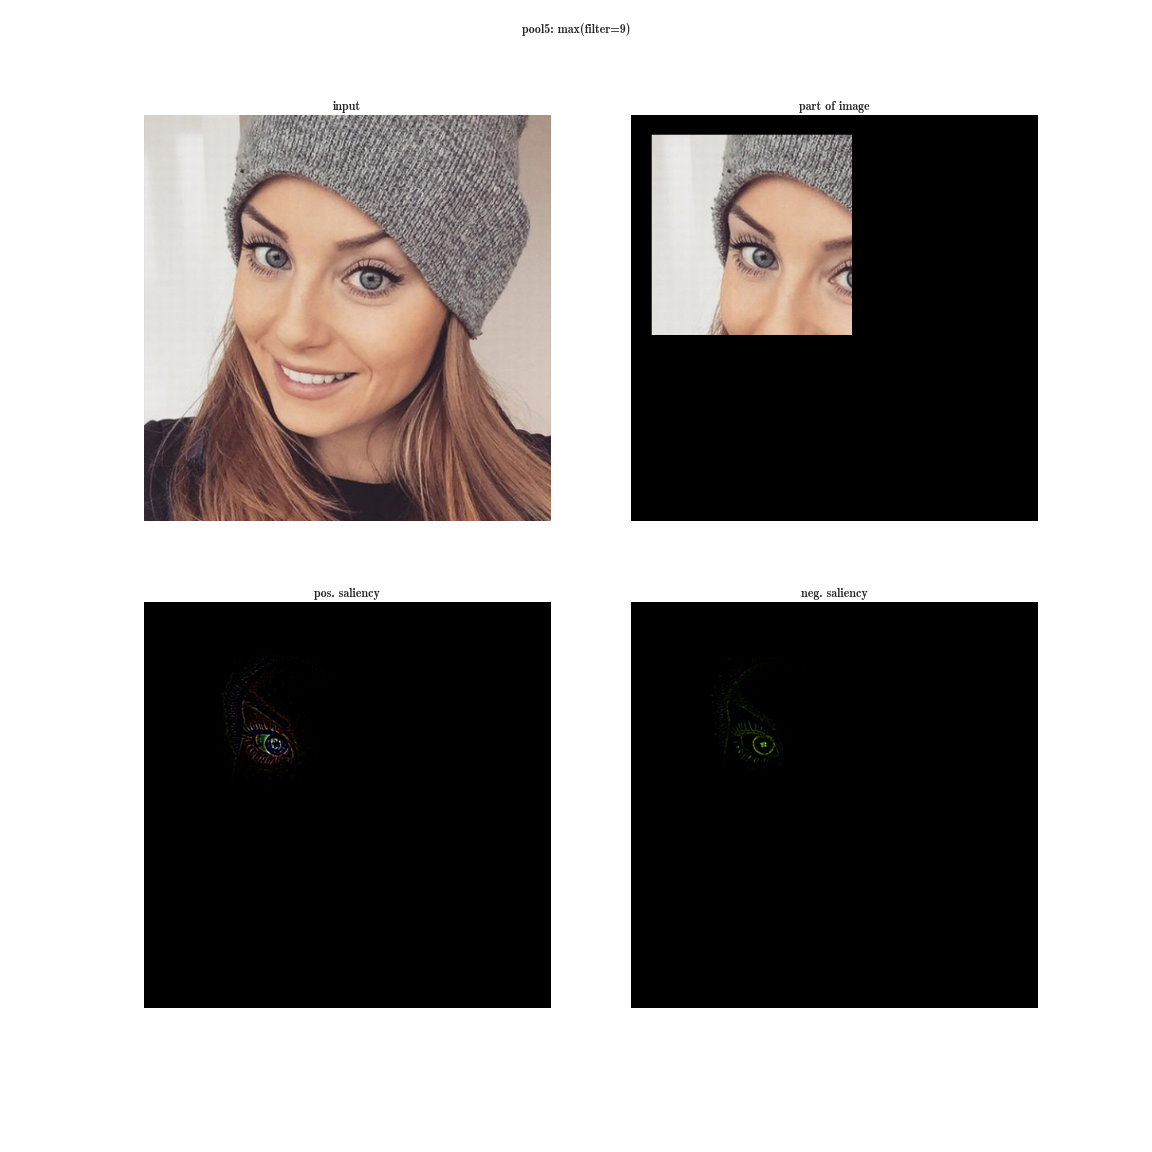 Стилизация изображений с помощью нейронных сетей: никакой мистики, просто матан - 21